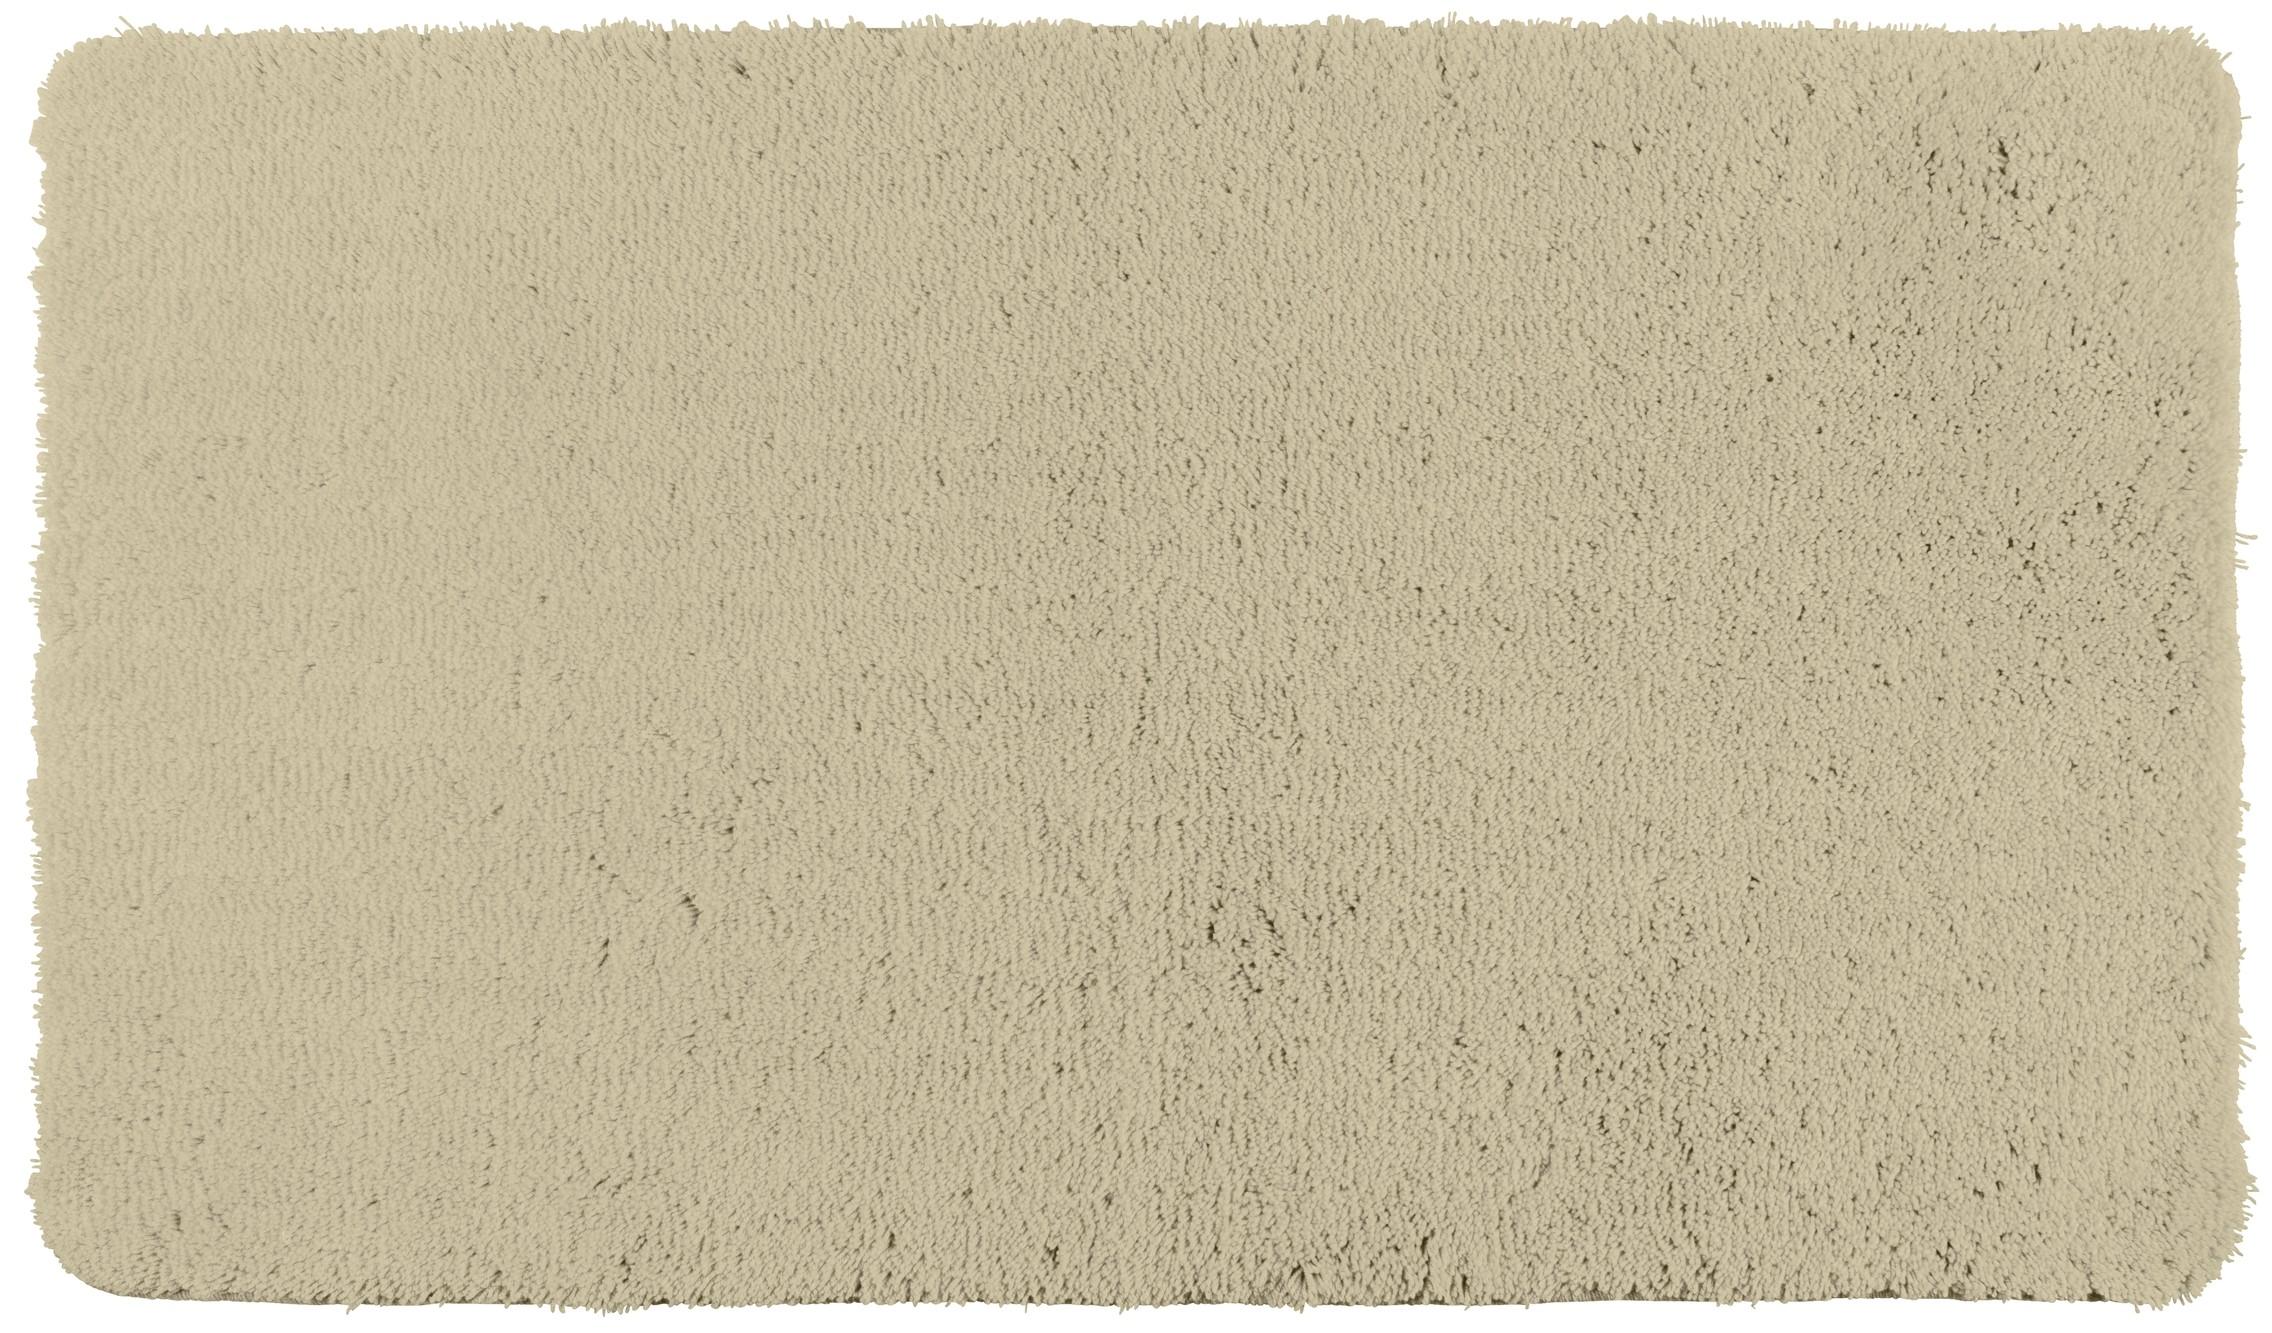 Wenko Badteppich Belize Sand, 60 x 90 cm, Mikrofaser